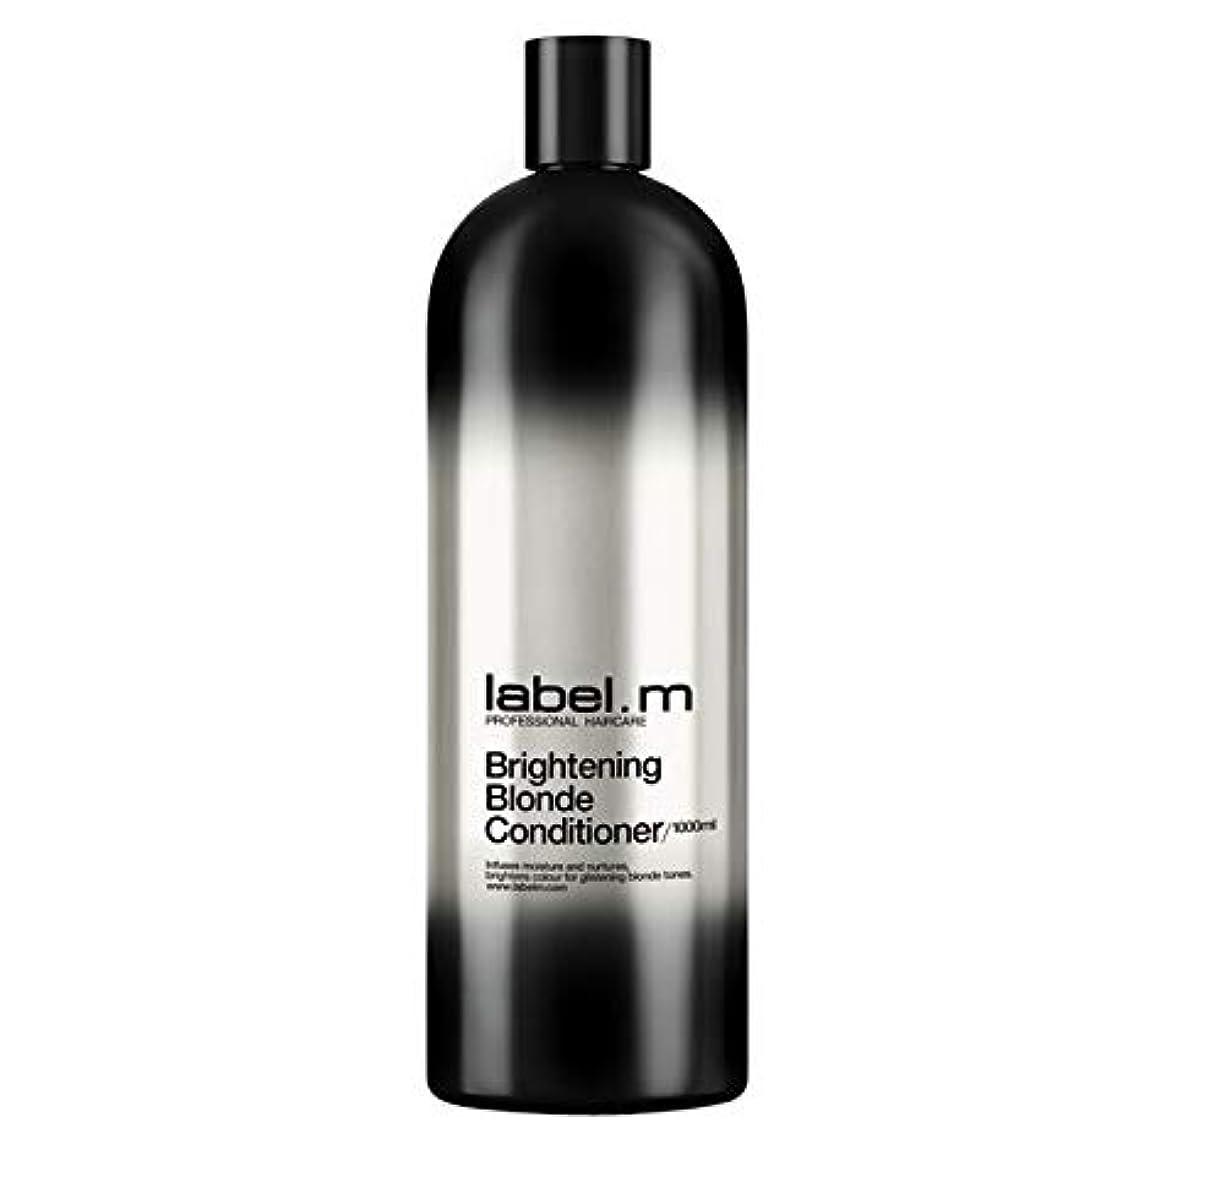 バーガーブラシカナダレーベルエム ブライトニングブロンド コンディショナー (髪に潤いと栄養を与えて明るく輝くブロンドヘアに) 1000ml/33.8oz